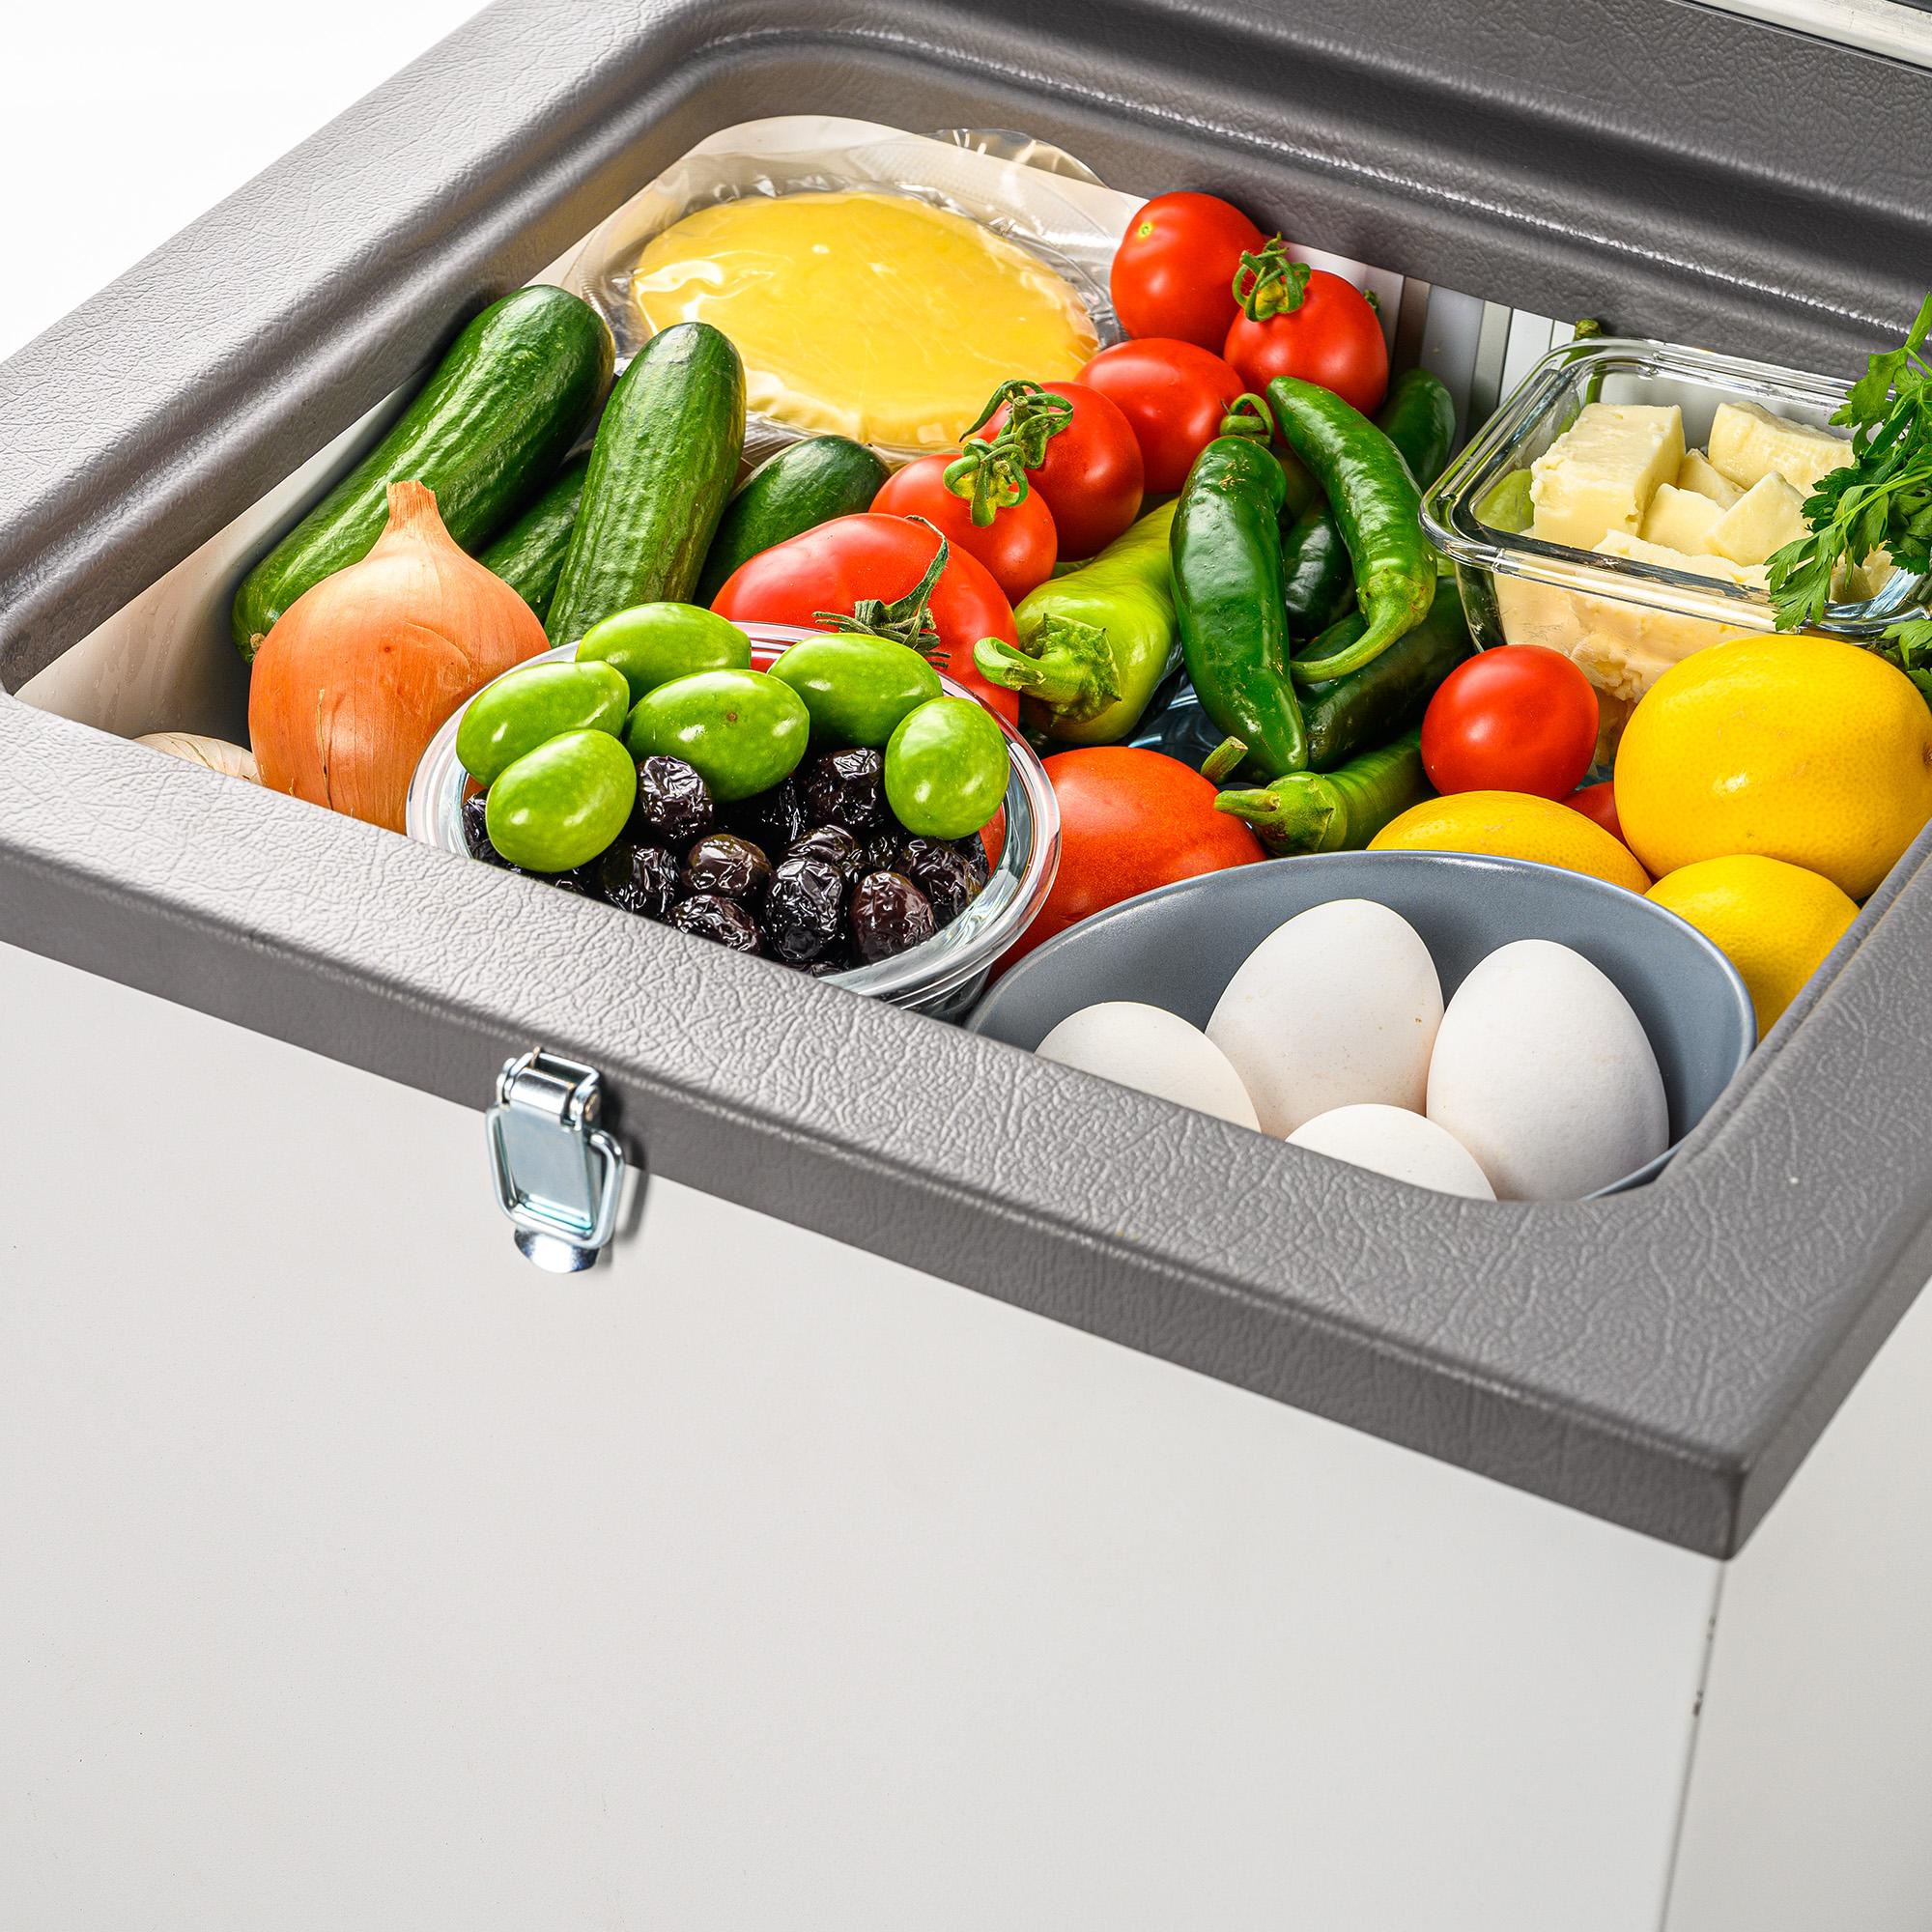 MEC 4230 21 LT Soğutucu Araç Buzdolabı